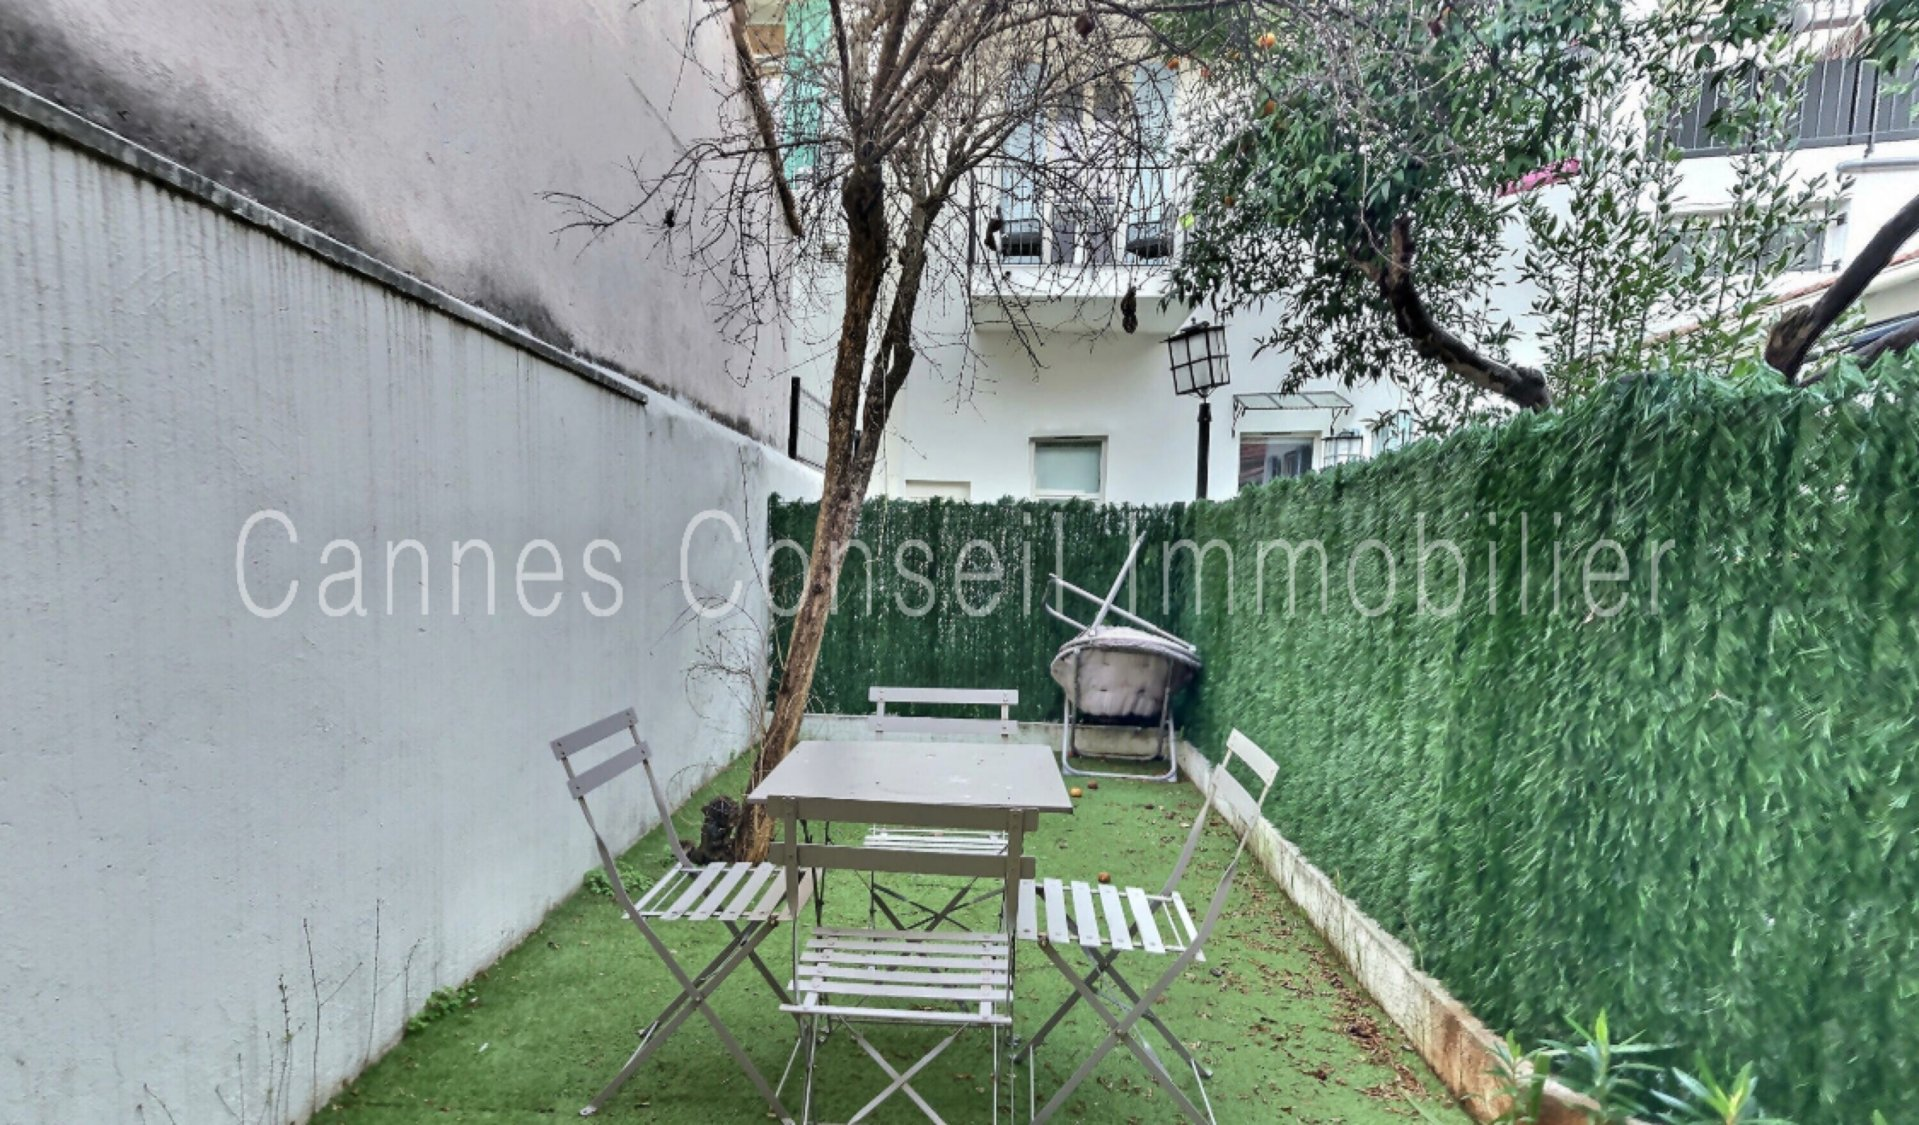 Affitto Appartamento - Cannes République